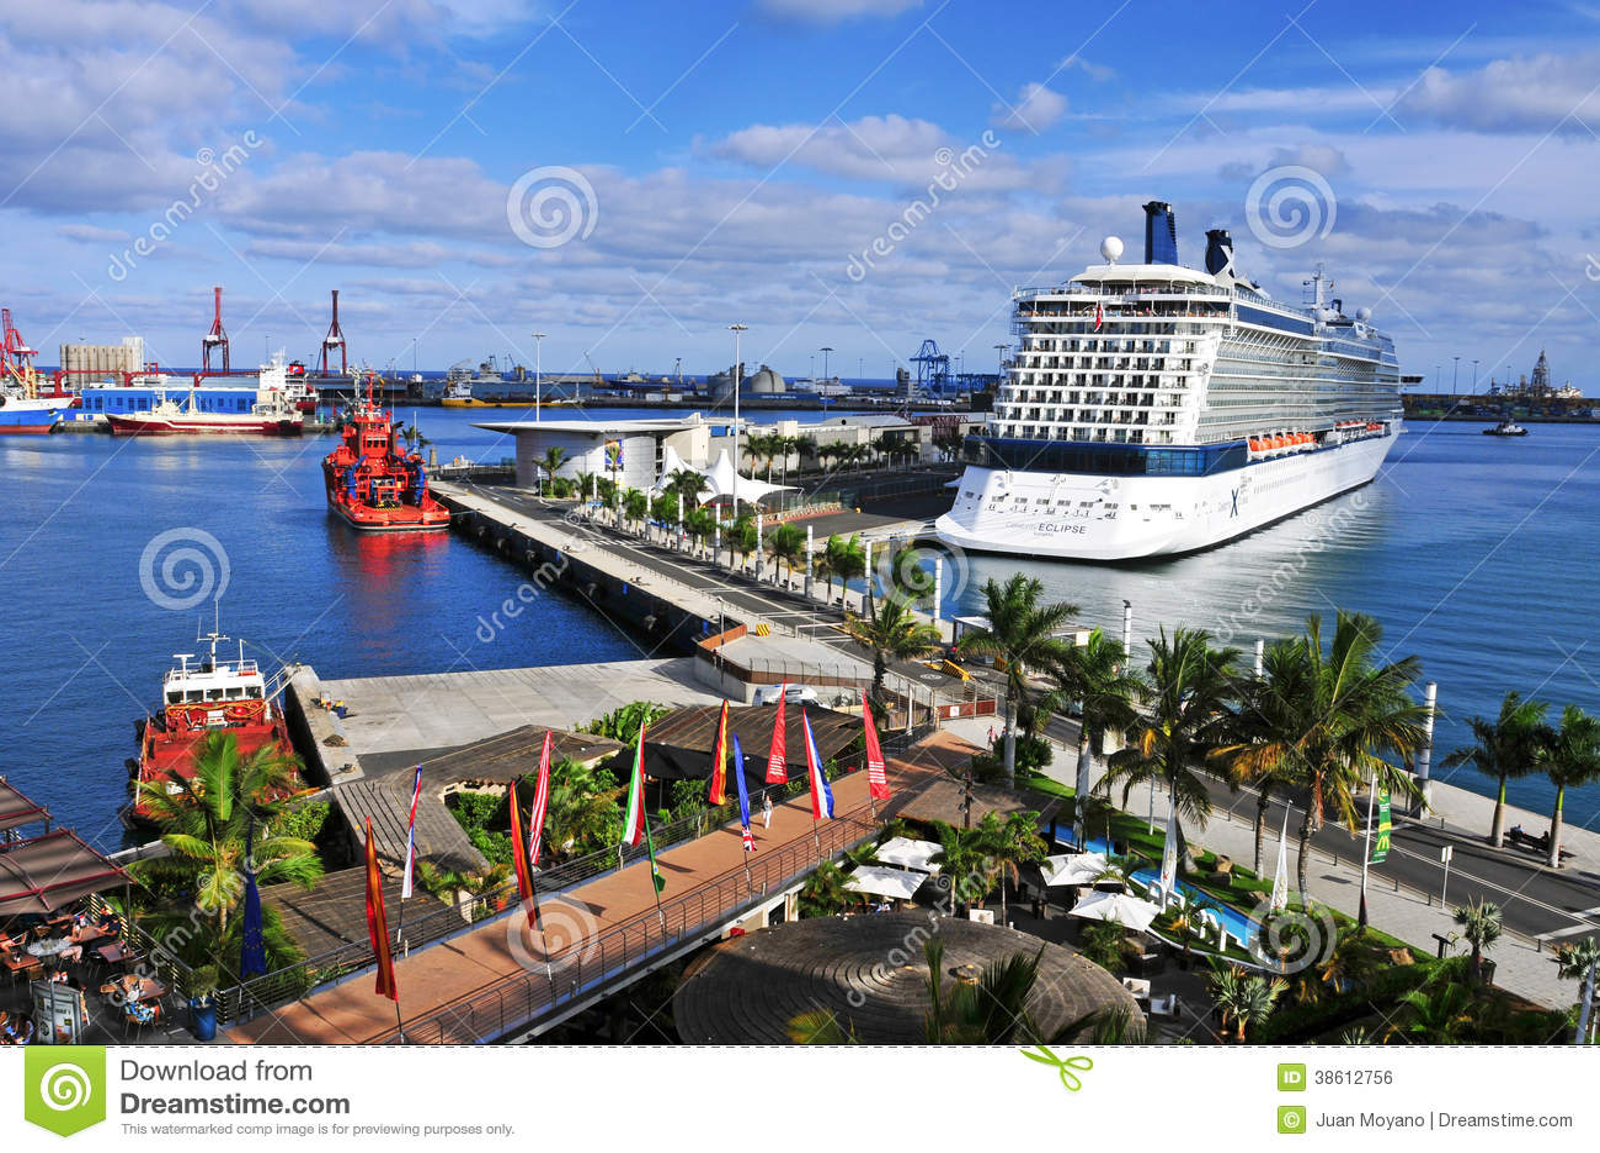 Hafen von las palmas de gran canaria spanien redaktionelles foto bild von lieferung puerto - Pisos com las palmas de gran canaria ...